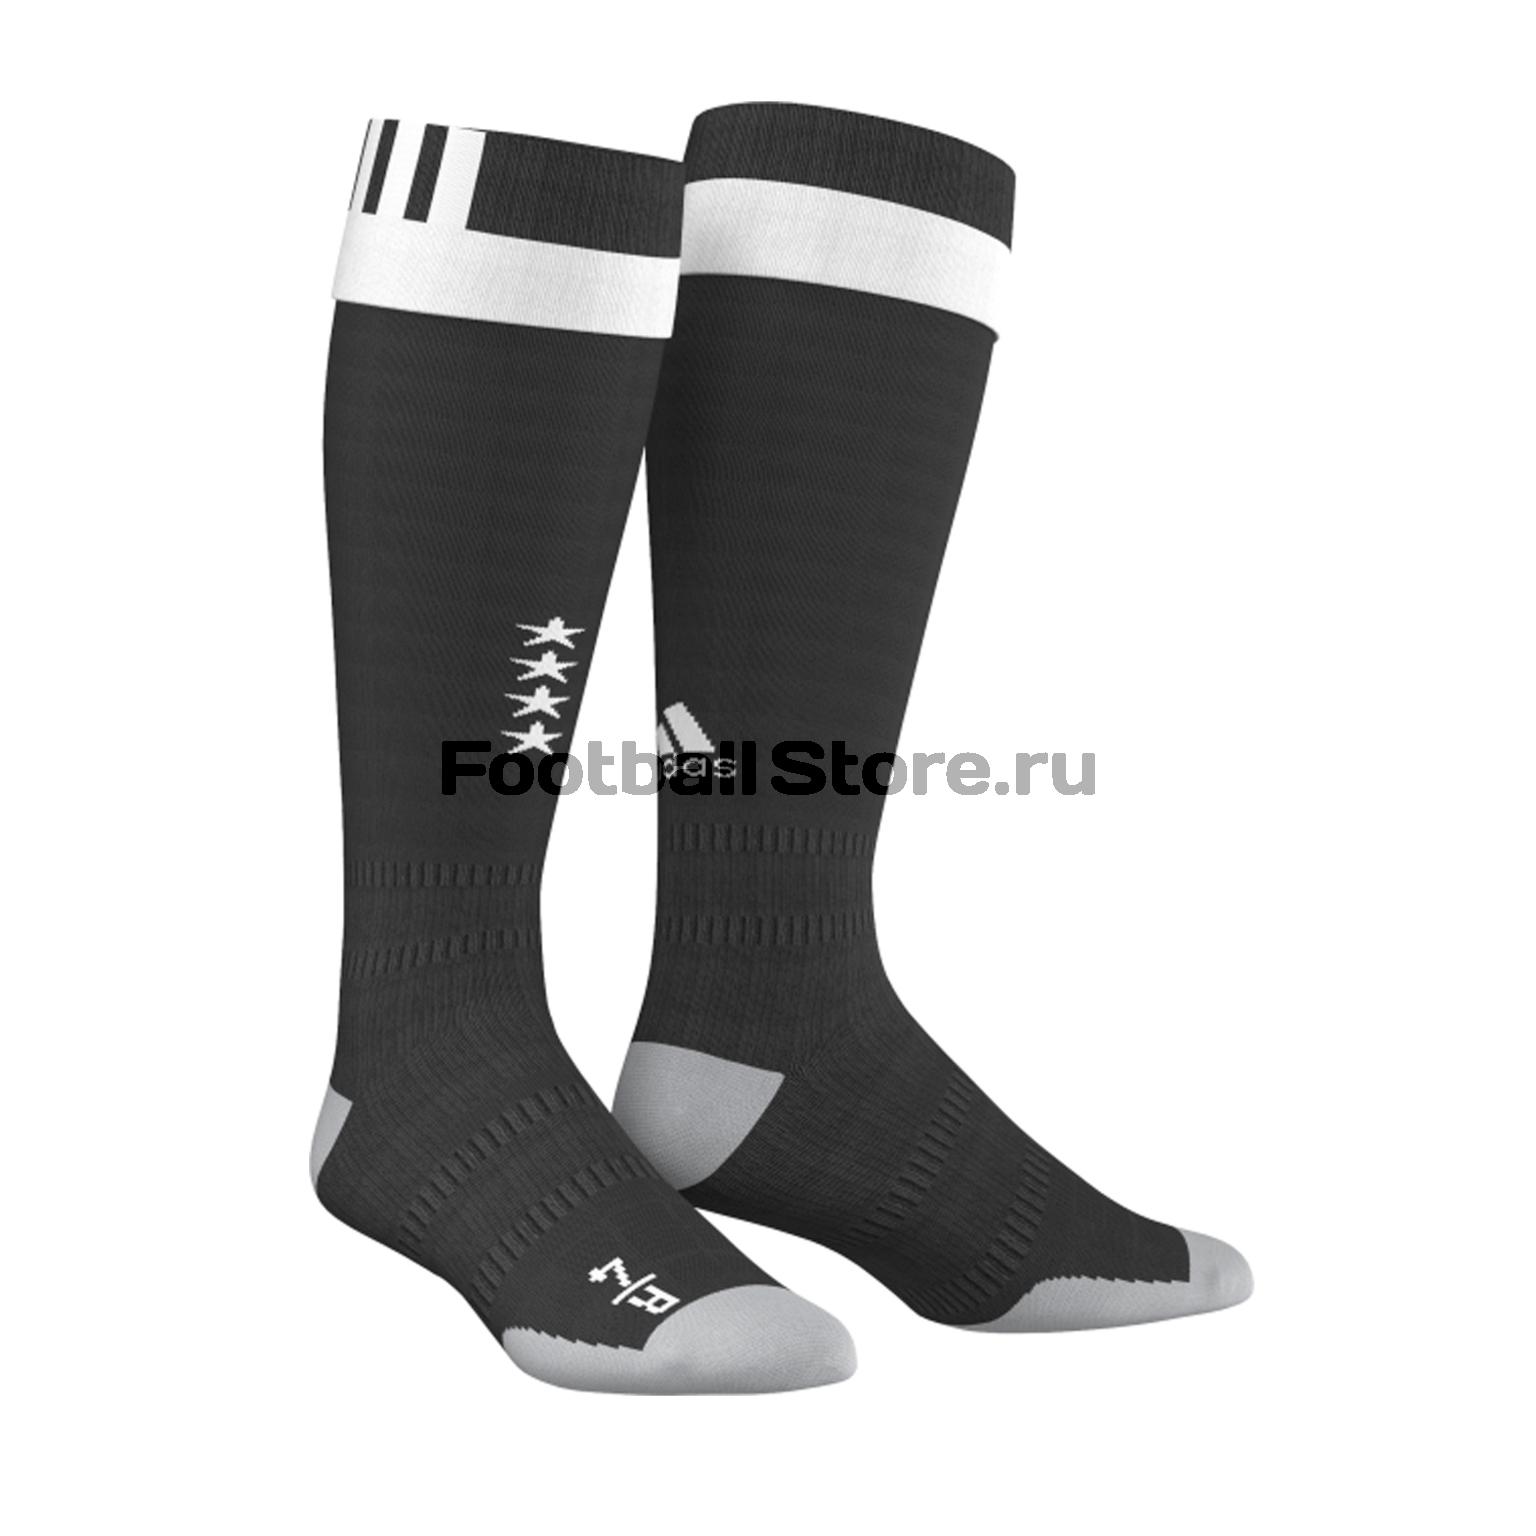 Adidas Гетры Adidas сборной Германии AA0146